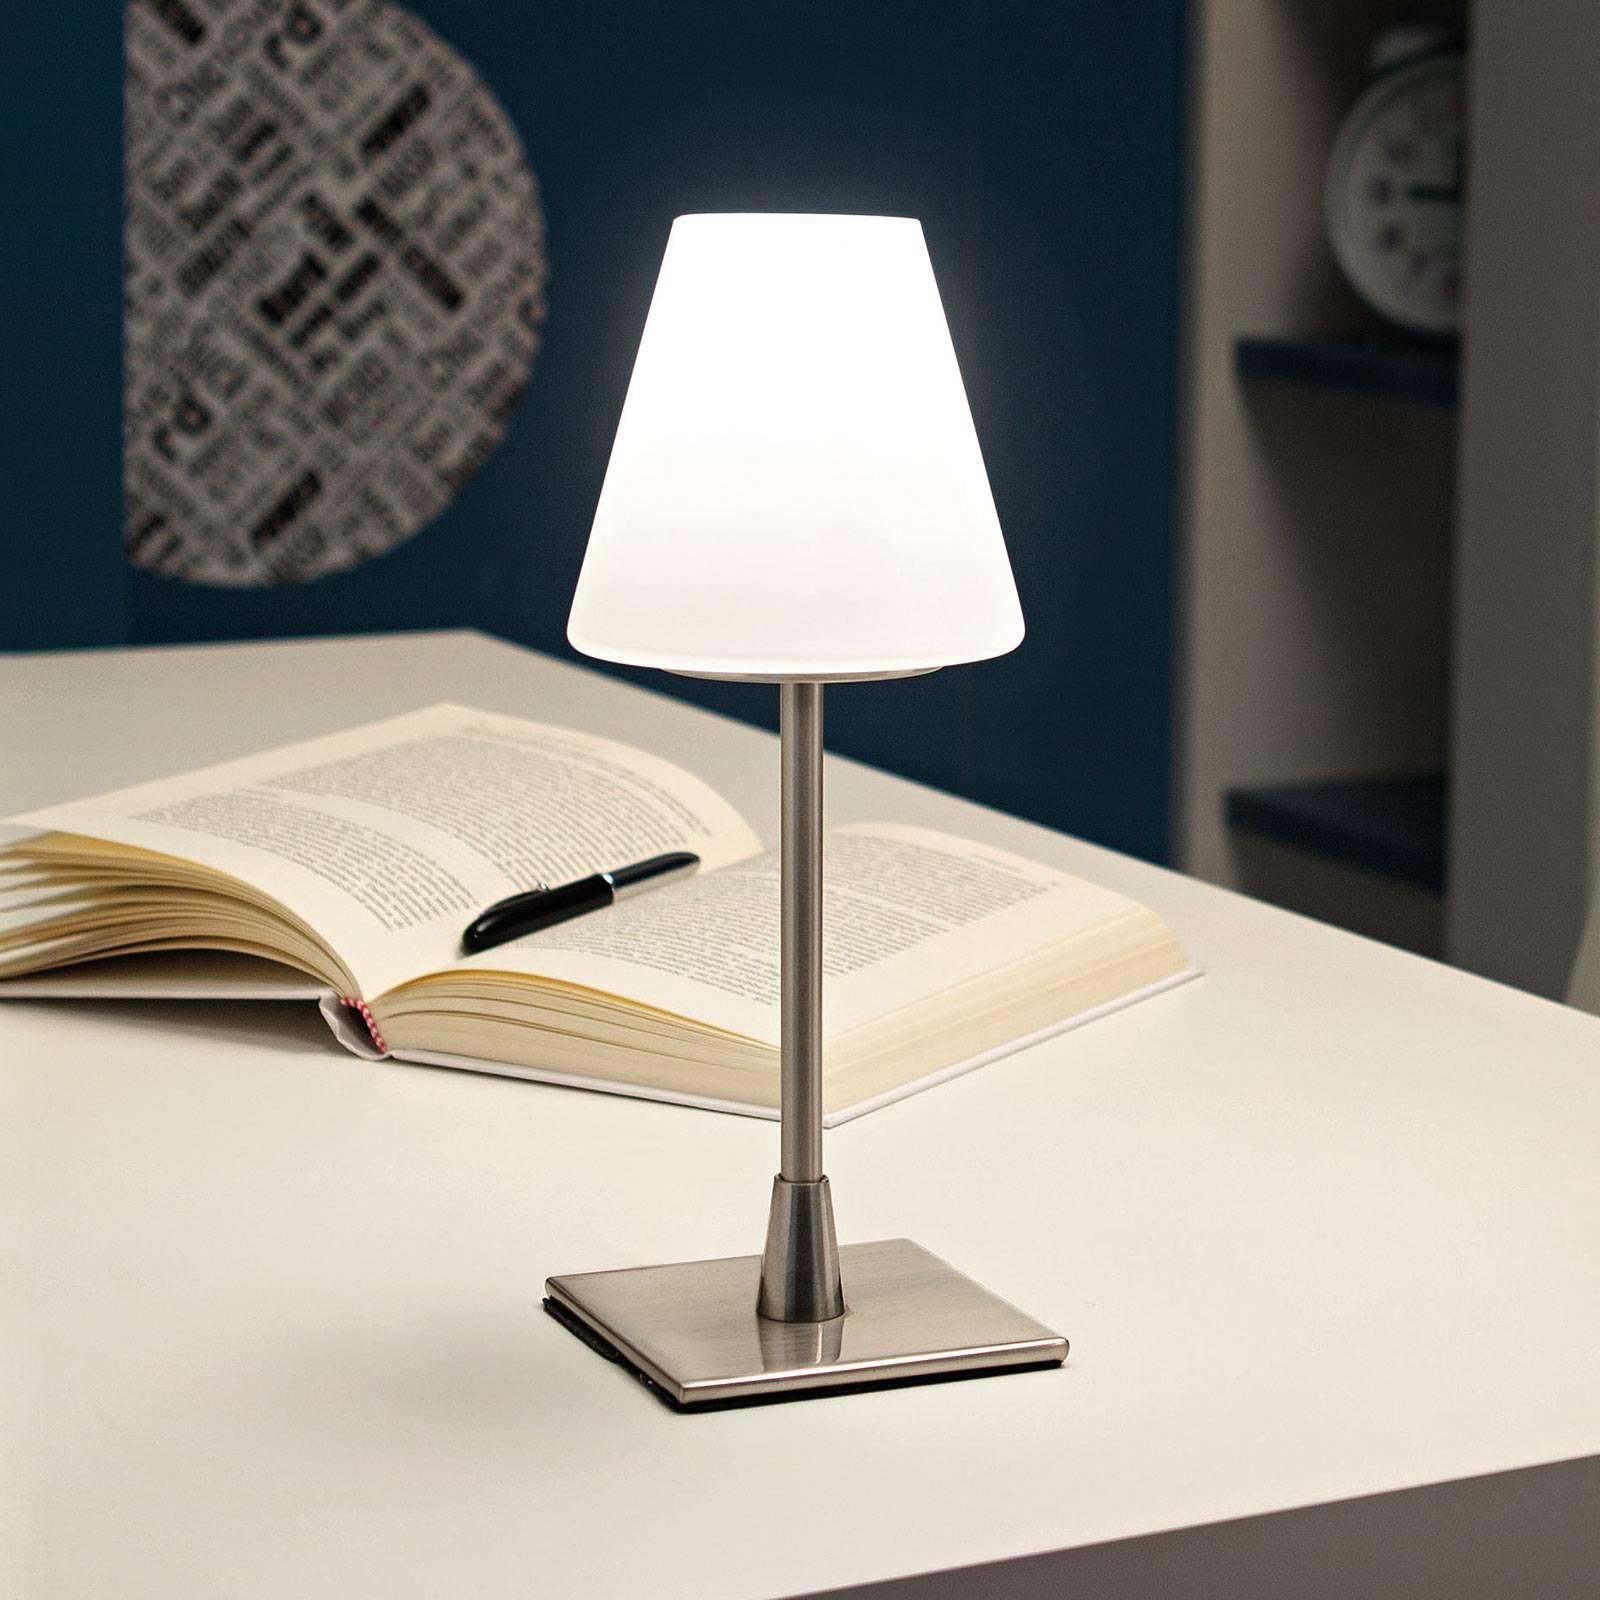 LED-bordlampe Lucy med touchdimmer, krom